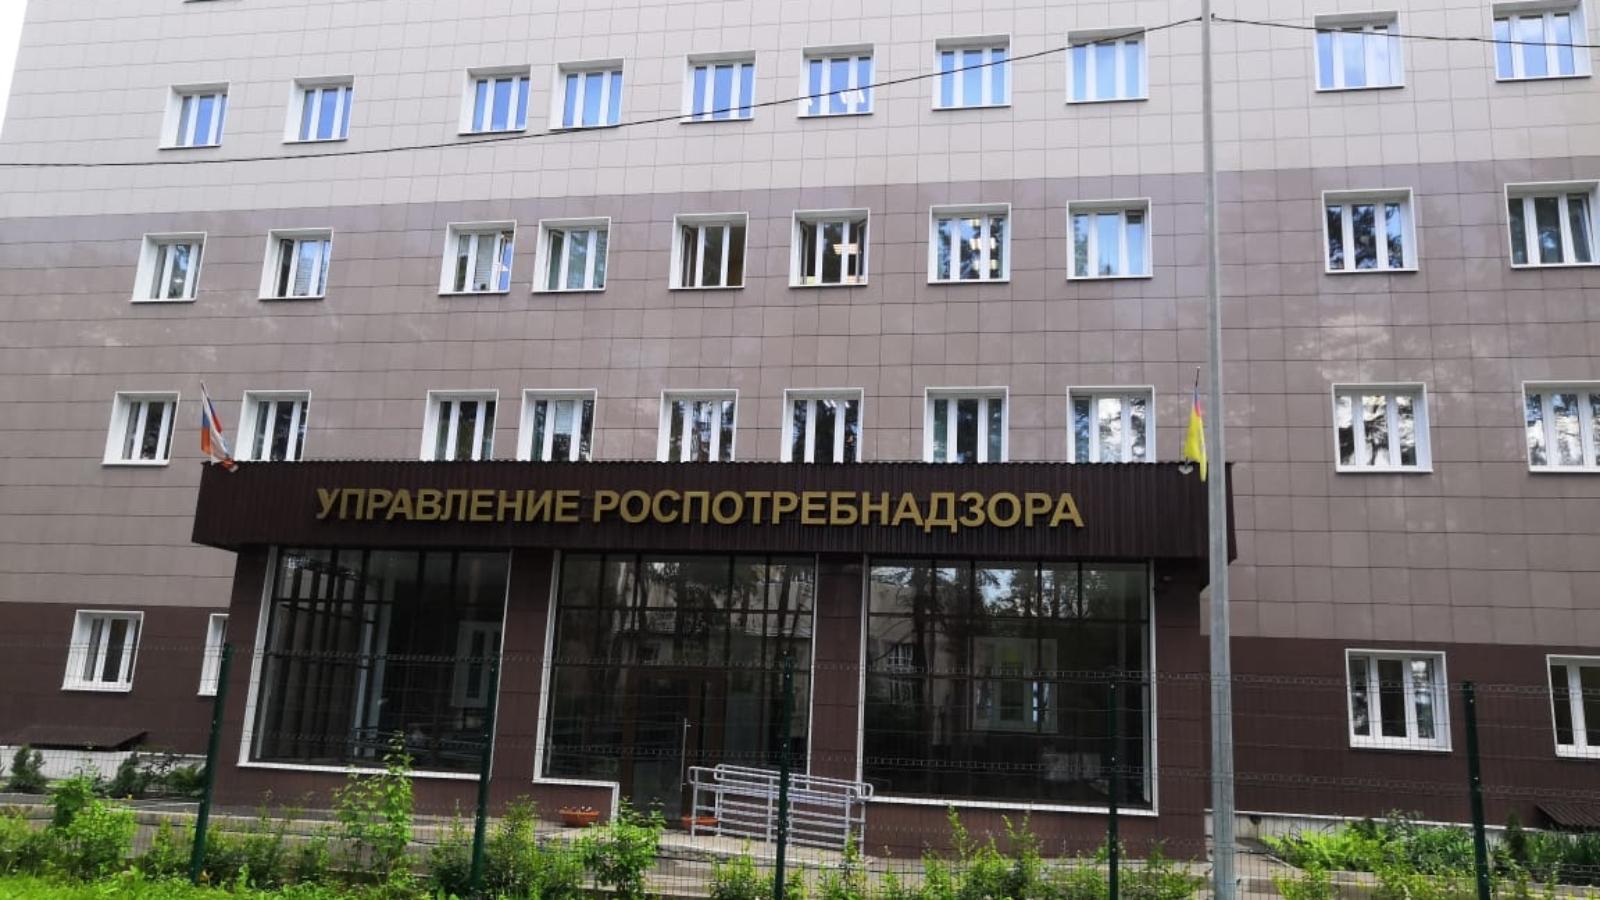 ФБУЗ центр гигиены и эпидемиологии его роль в получении разрешения на строительство